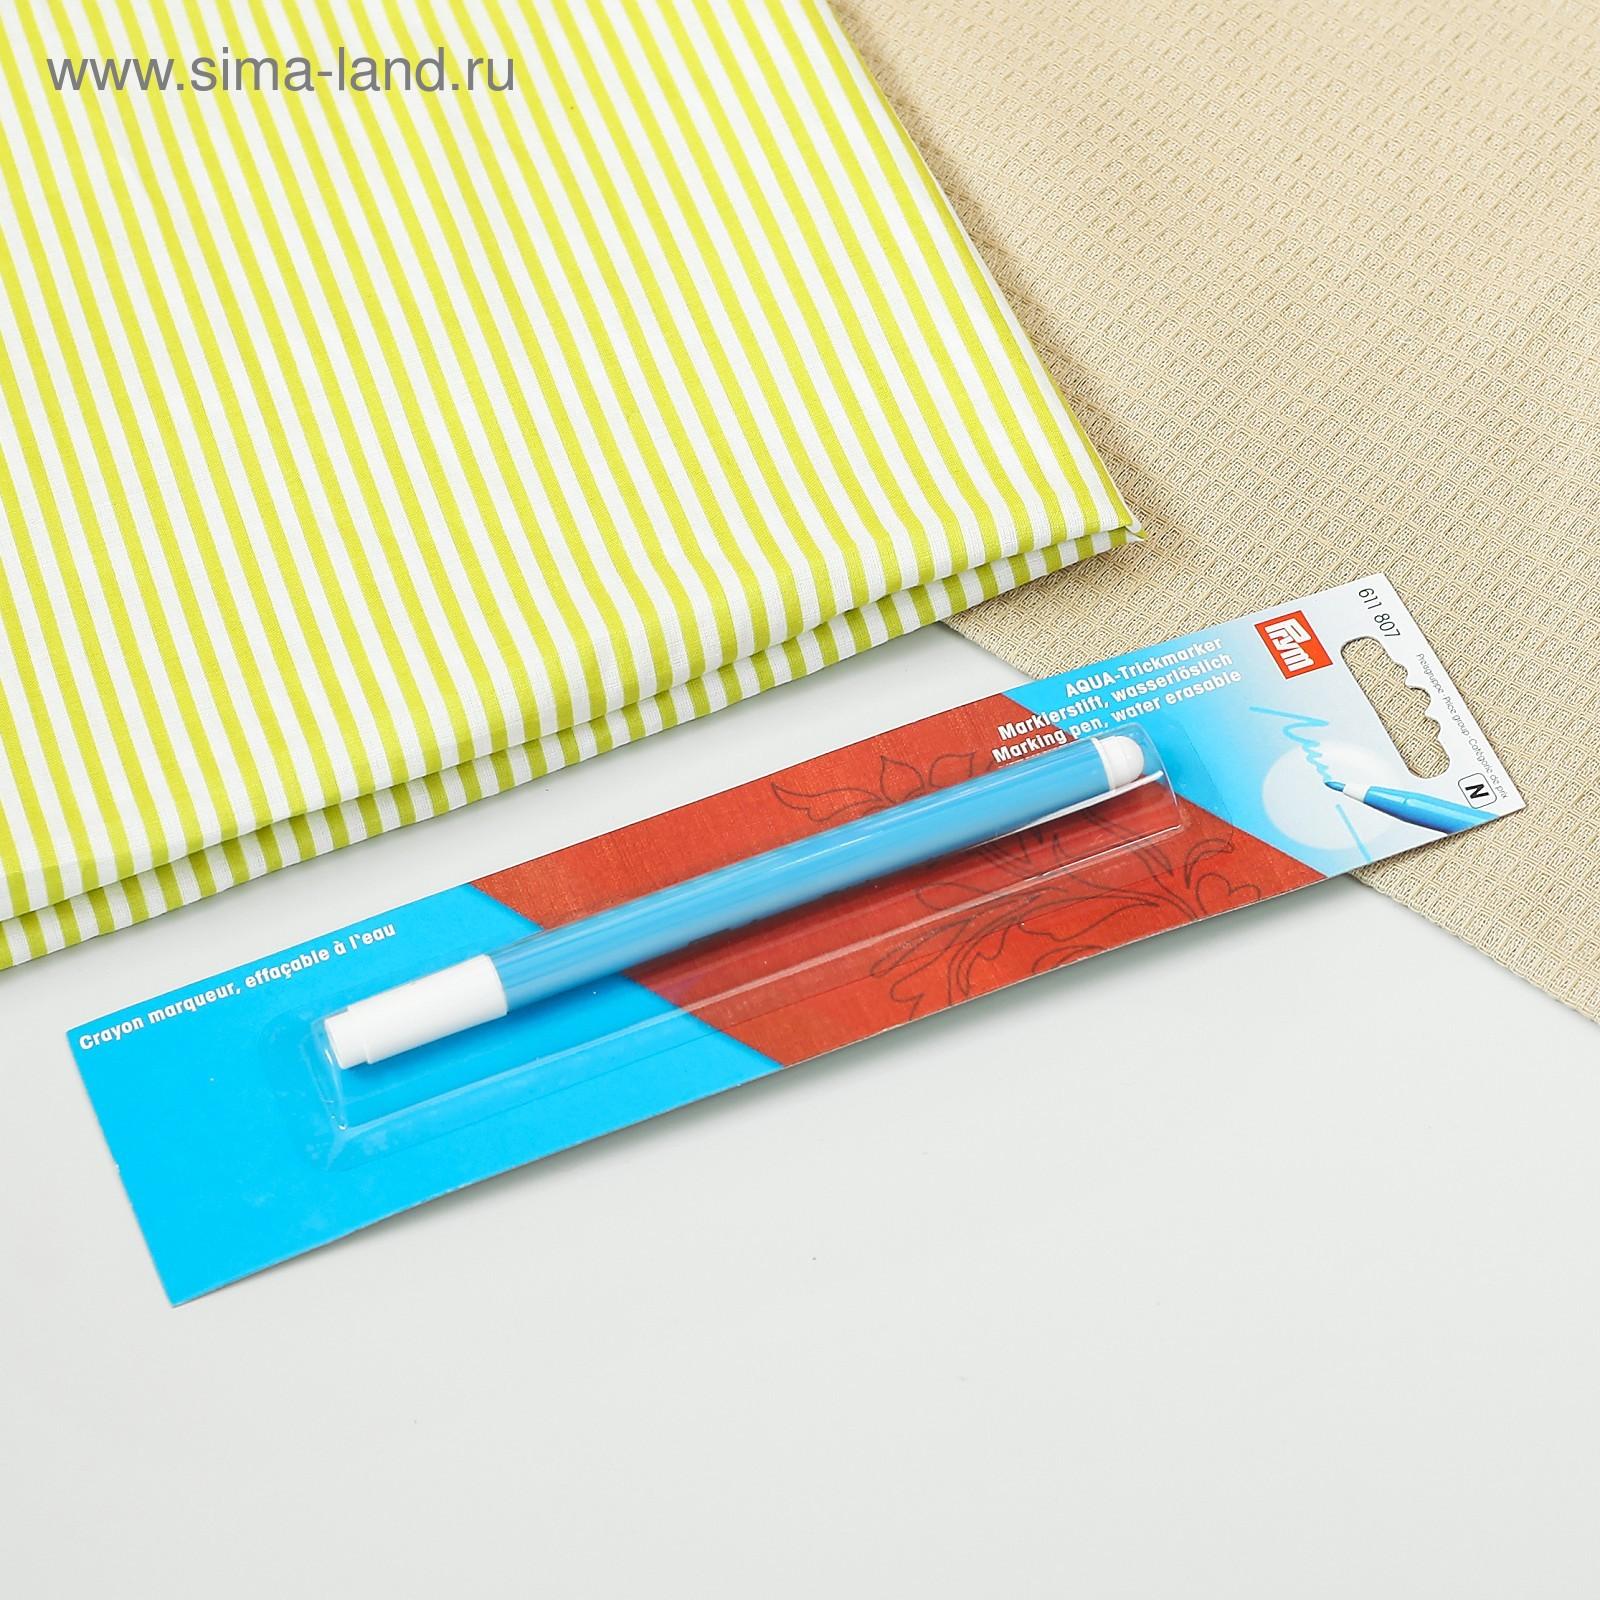 маркер для ткани аква неводостойкий цвет голубой 1352001